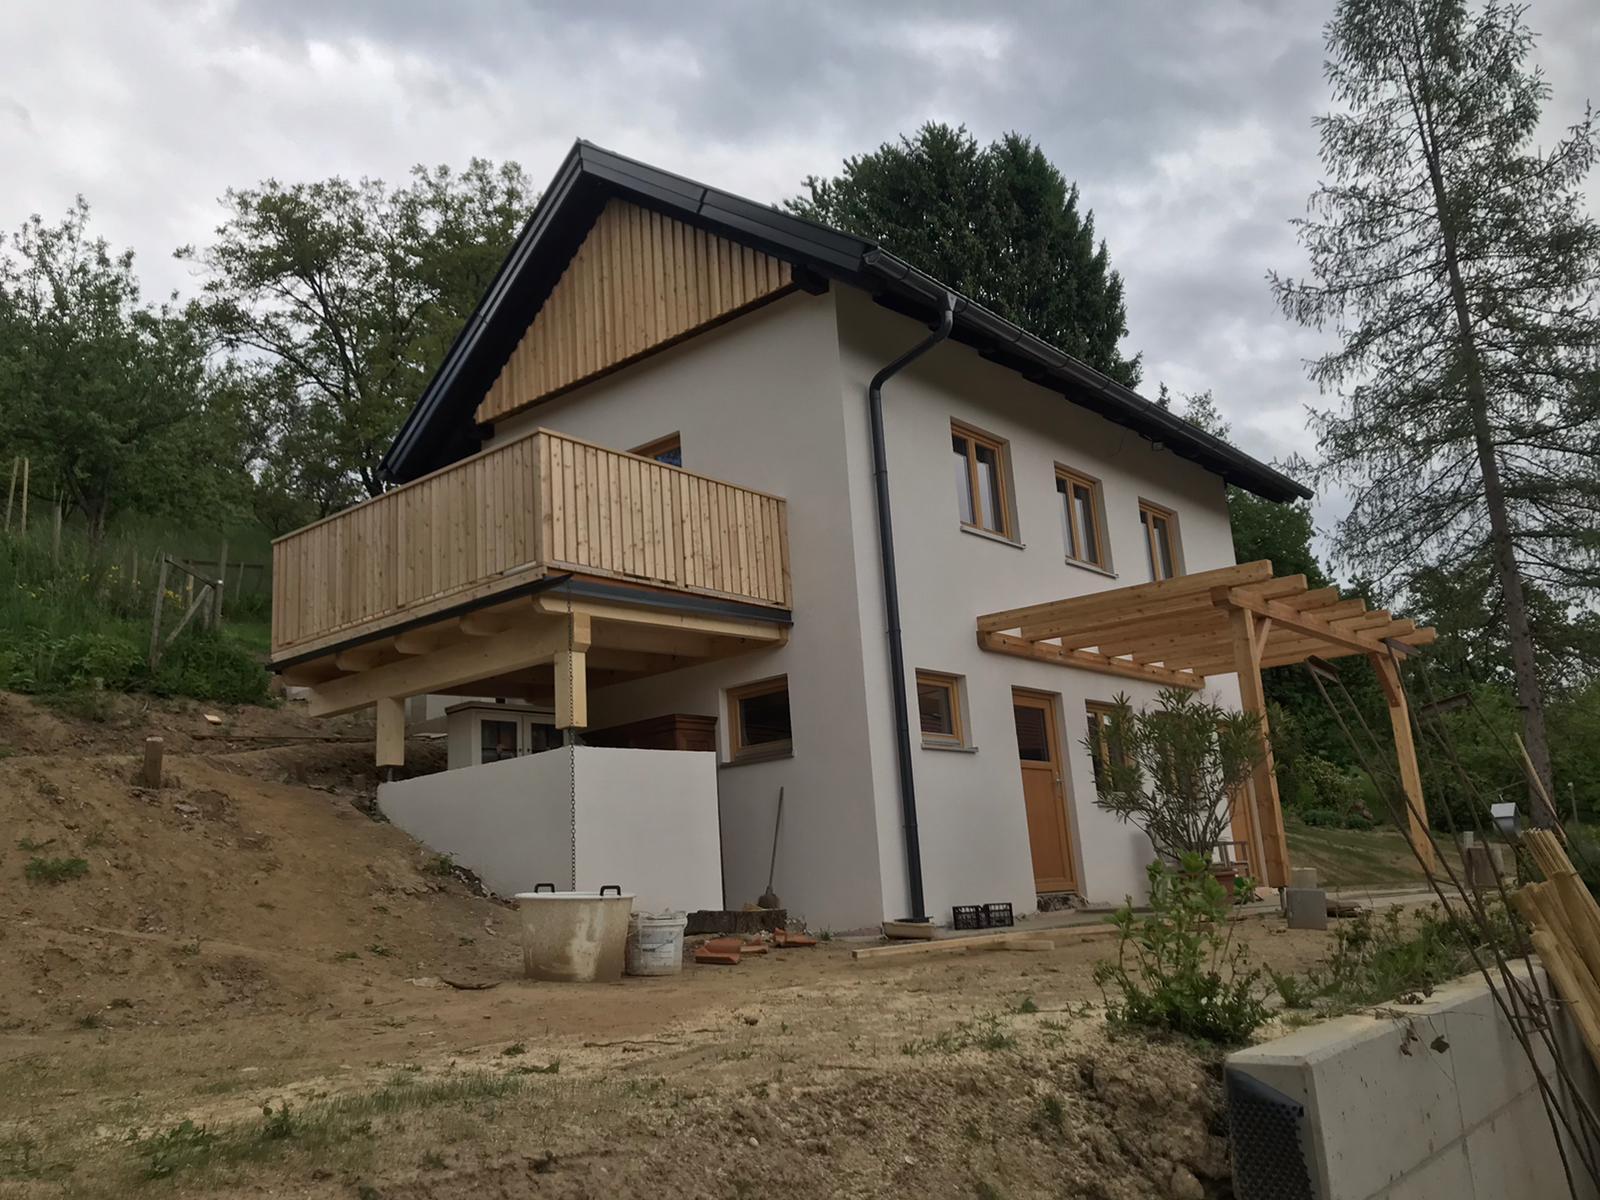 Giebelschalung Deckleiste, Eingangsüberdachung und Terrassenkonstruktion mit Geländer sib. Lärche